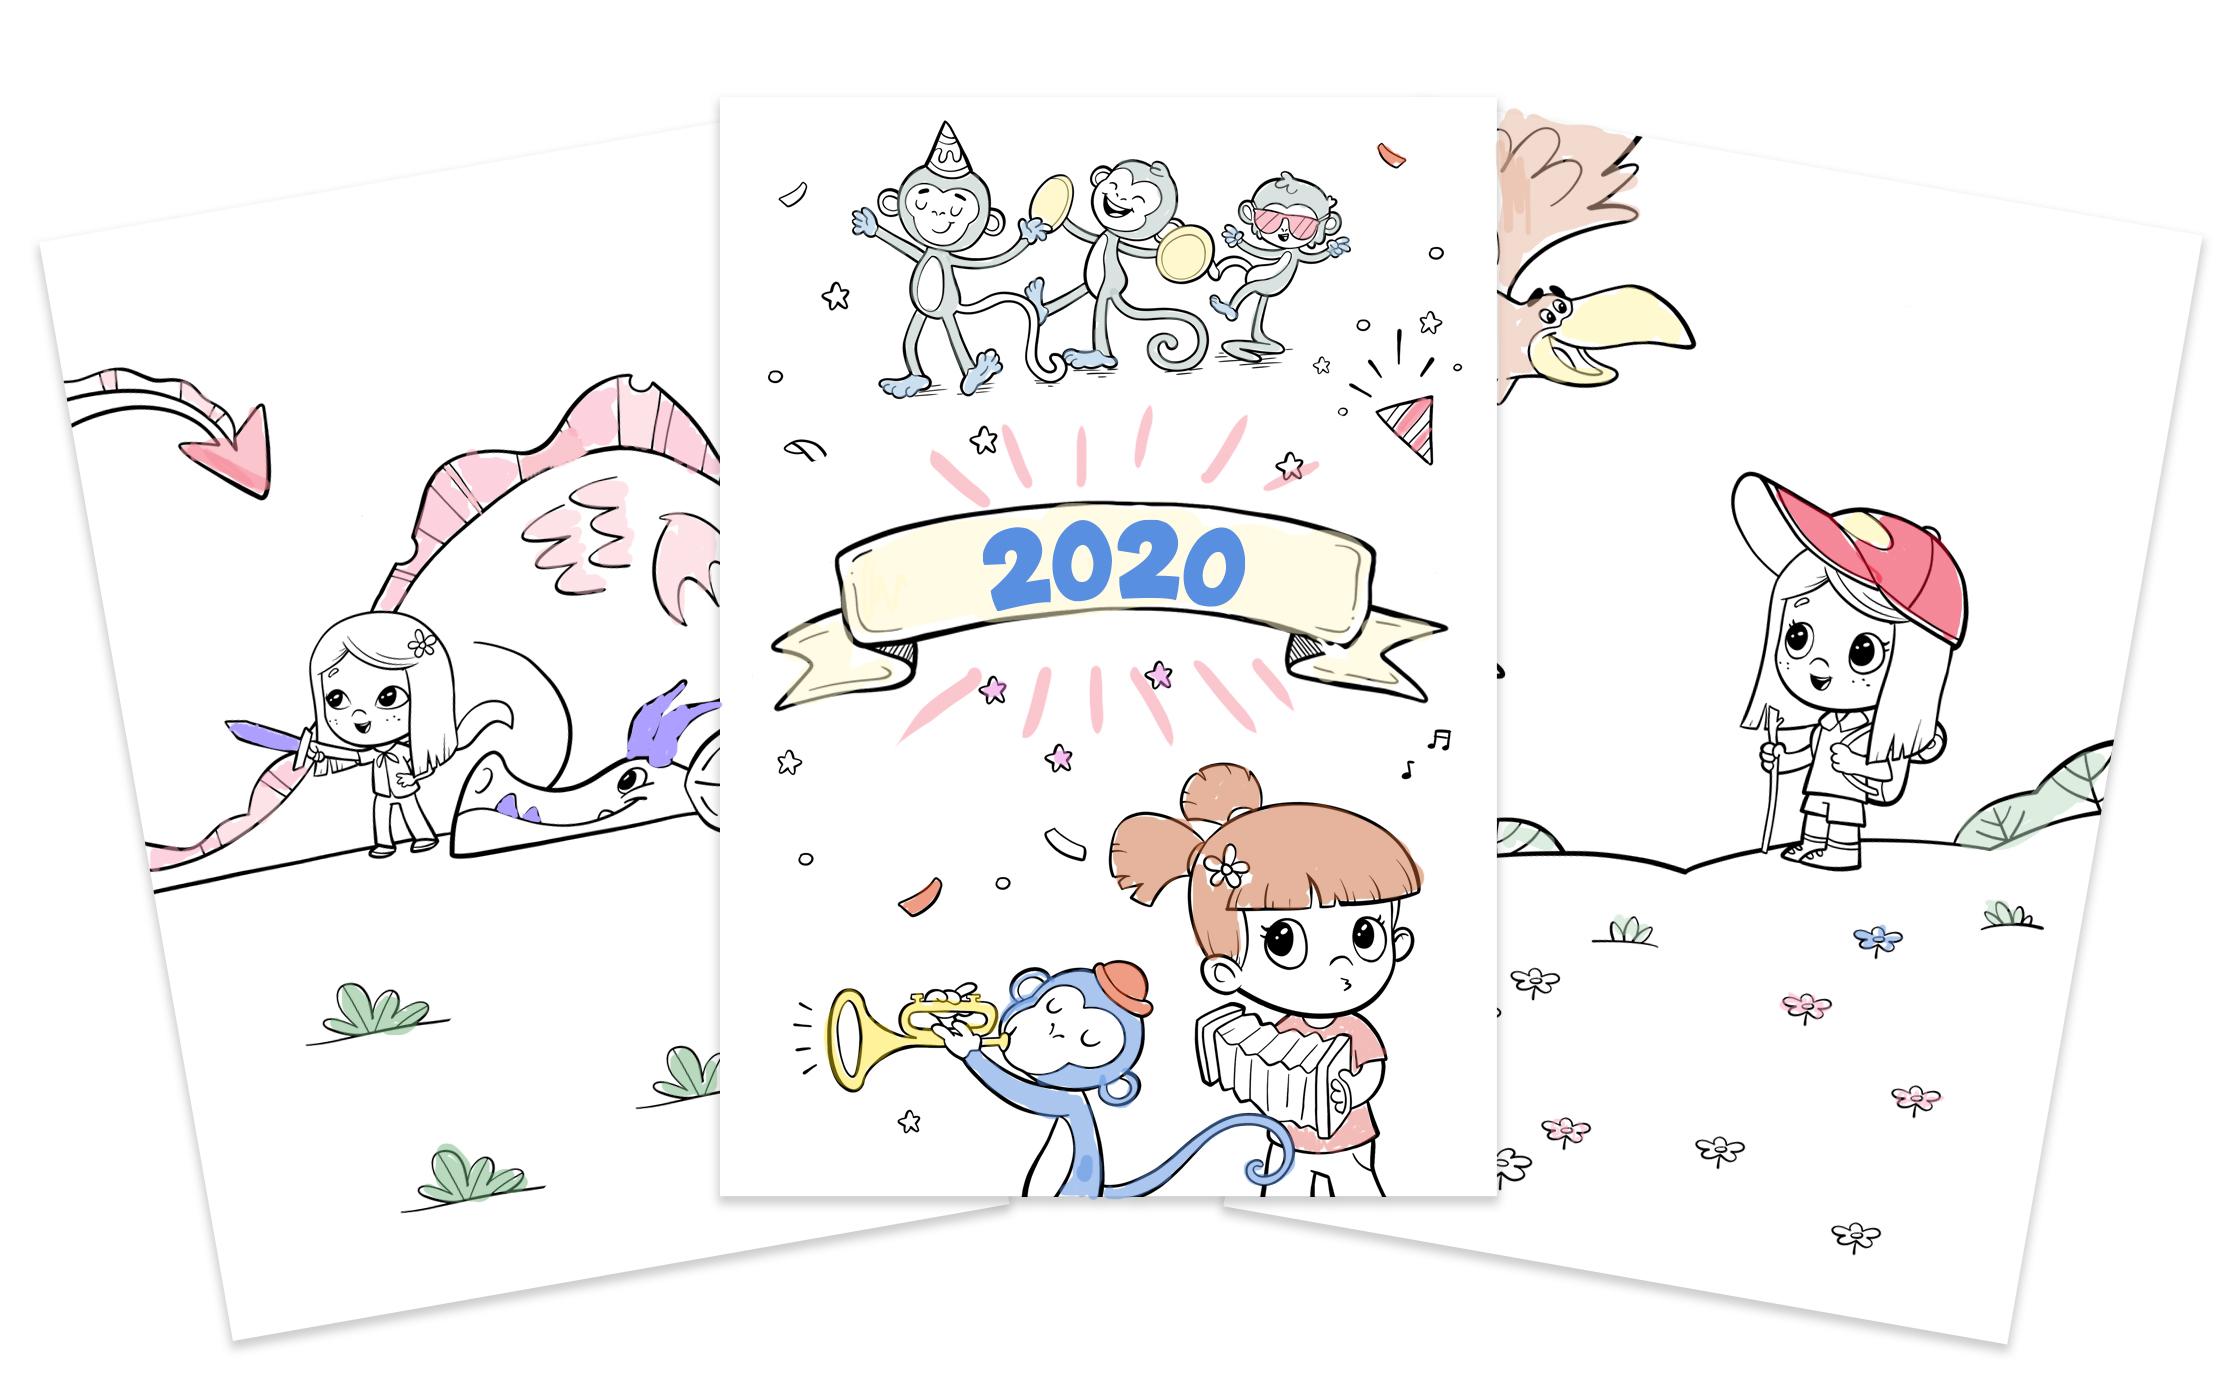 Code promo Hourra Héros : Un calendrier 2020 personnalisé gratuit